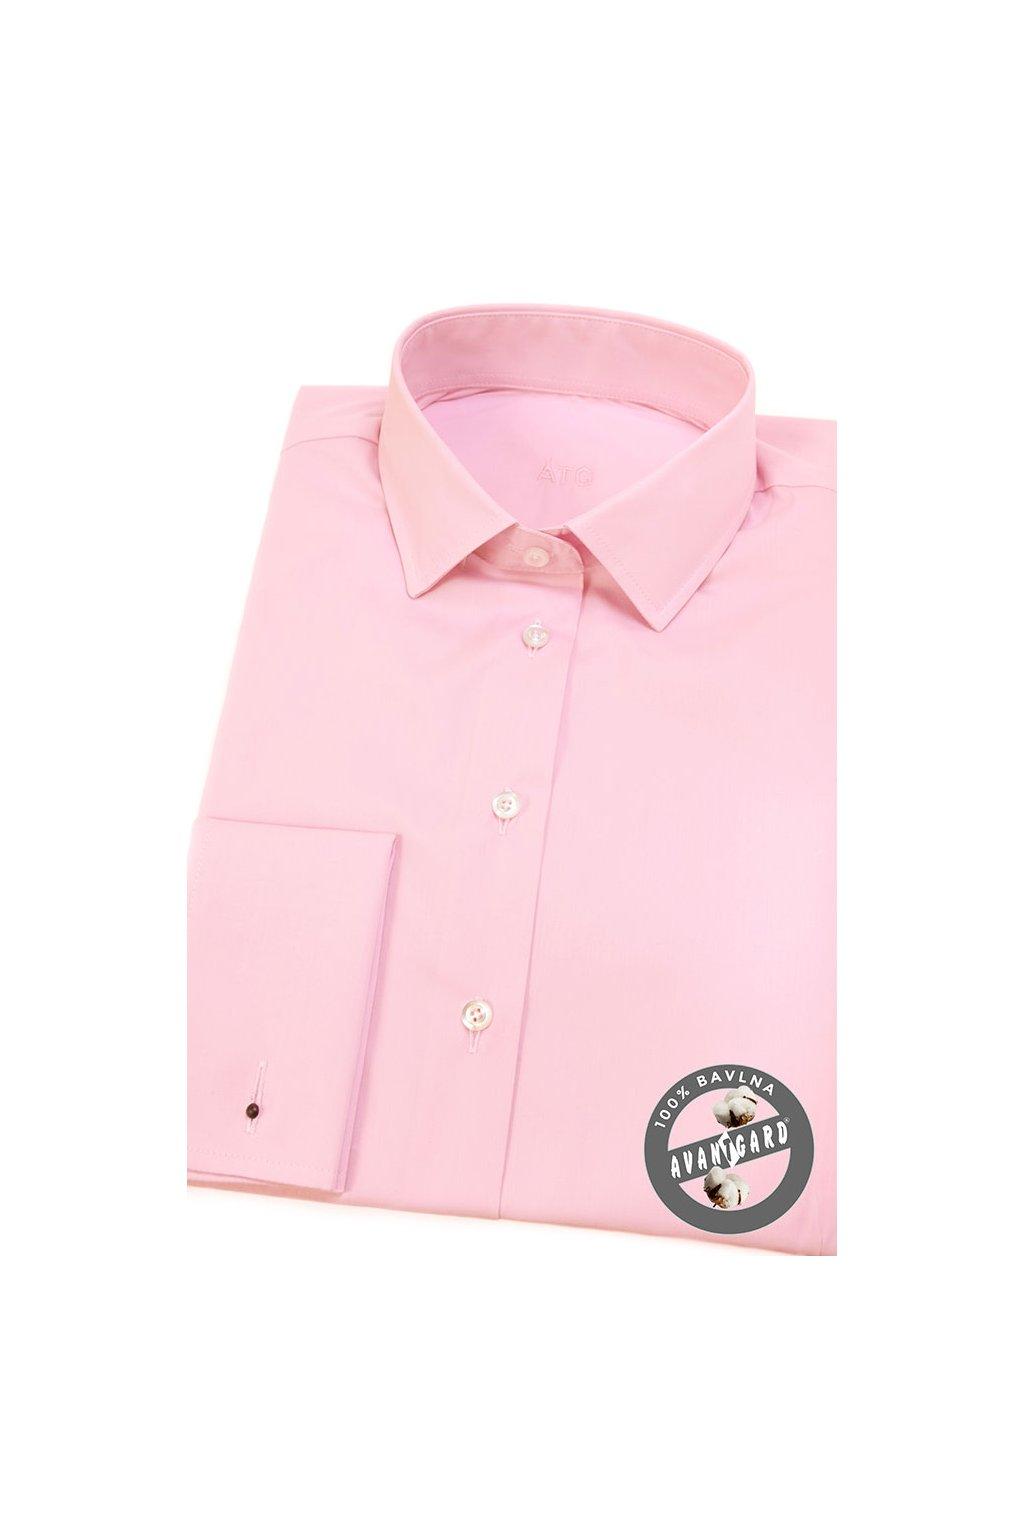 Dámská košile na MK růžová 722 - 9